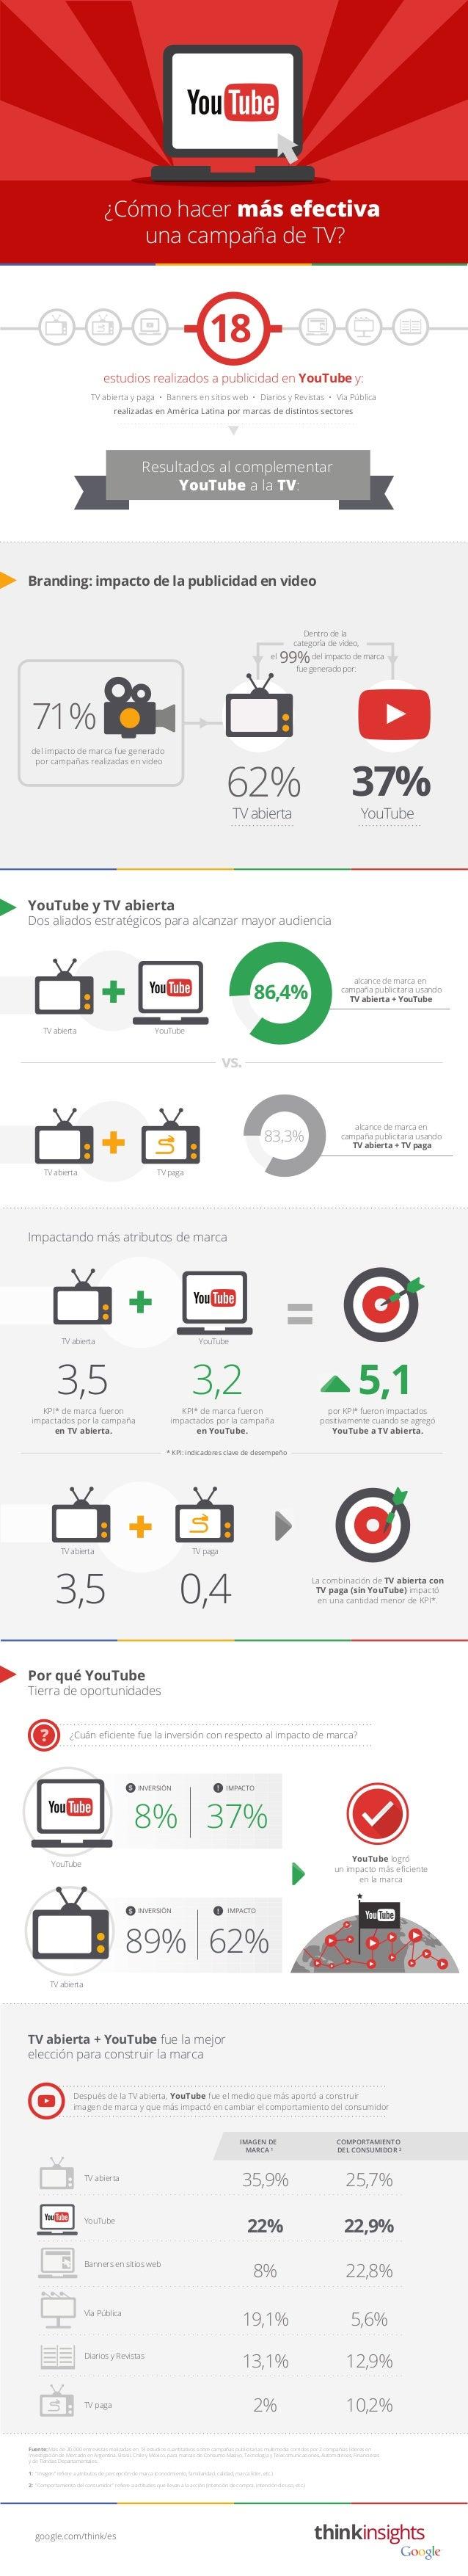 99% 62% TV abierta TV abierta YouTube 37% YouTube YouTube y TV abierta Dos aliados estratégicos para alcanzar mayor audien...